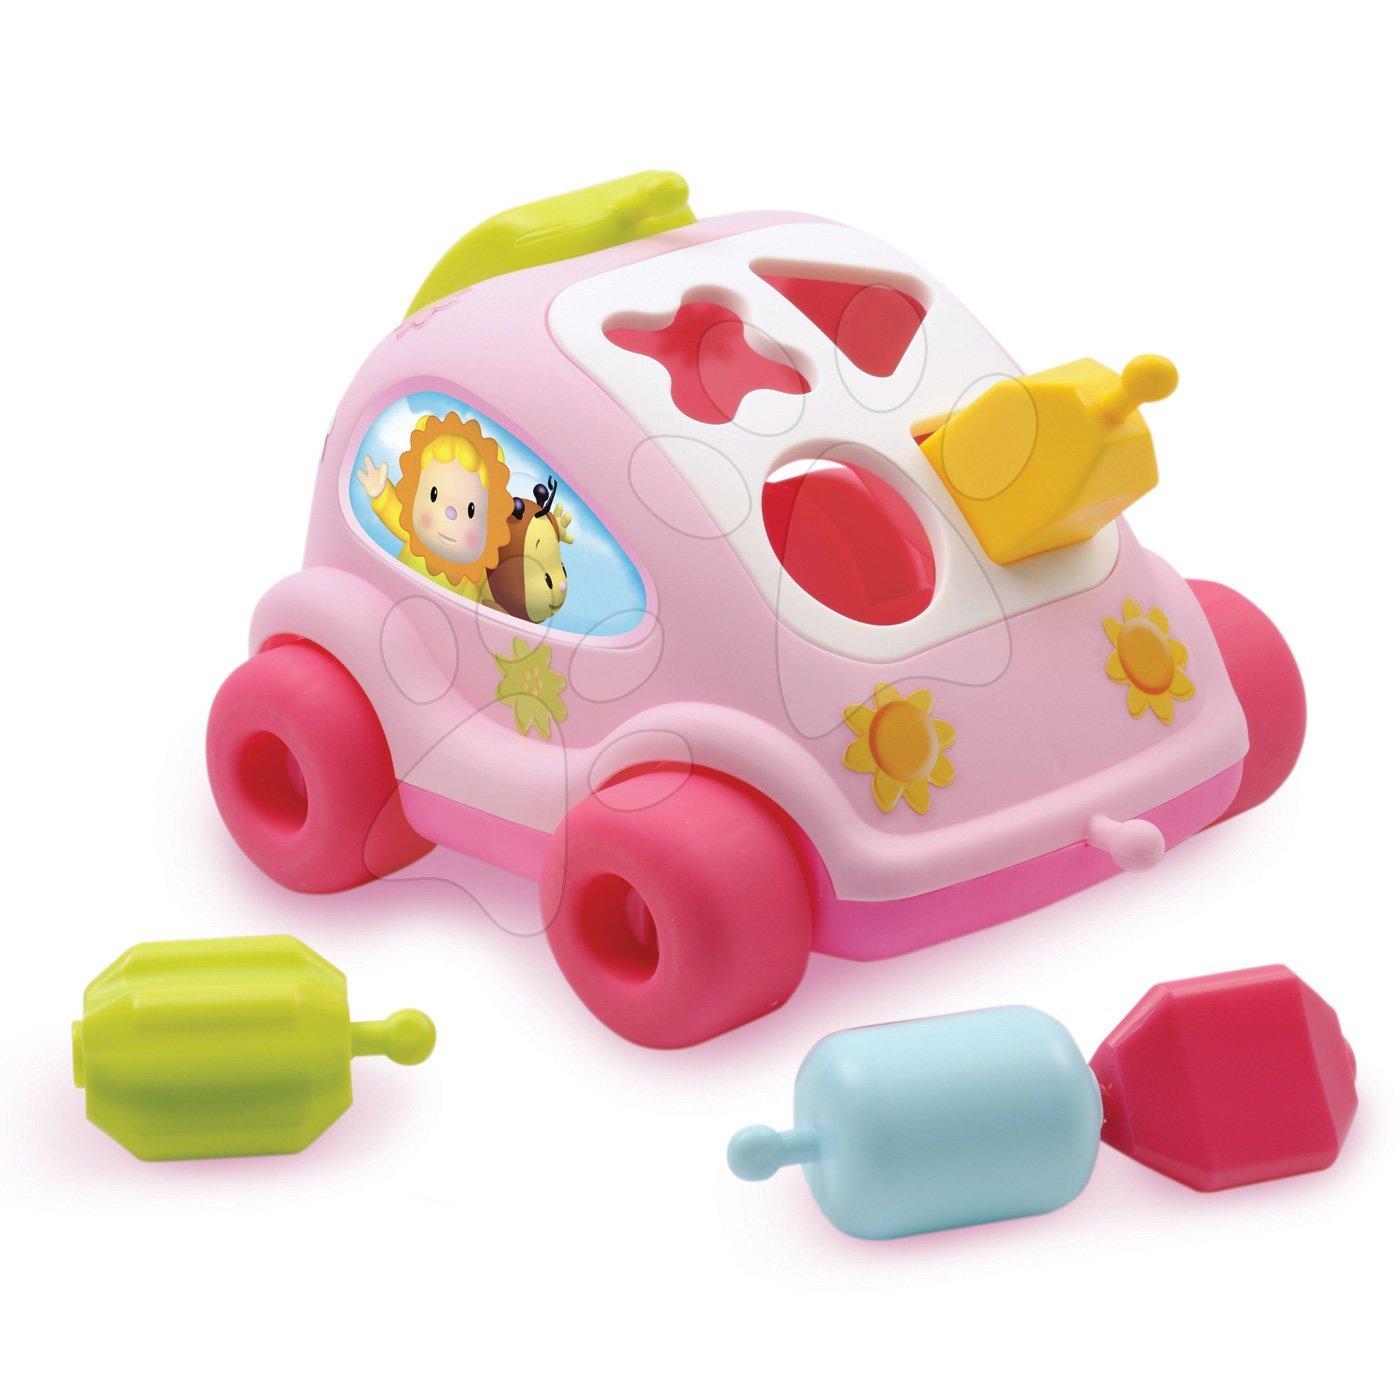 Smoby detské autíčko Chrobáčik Cotoons pre najmenších 211118 ružové